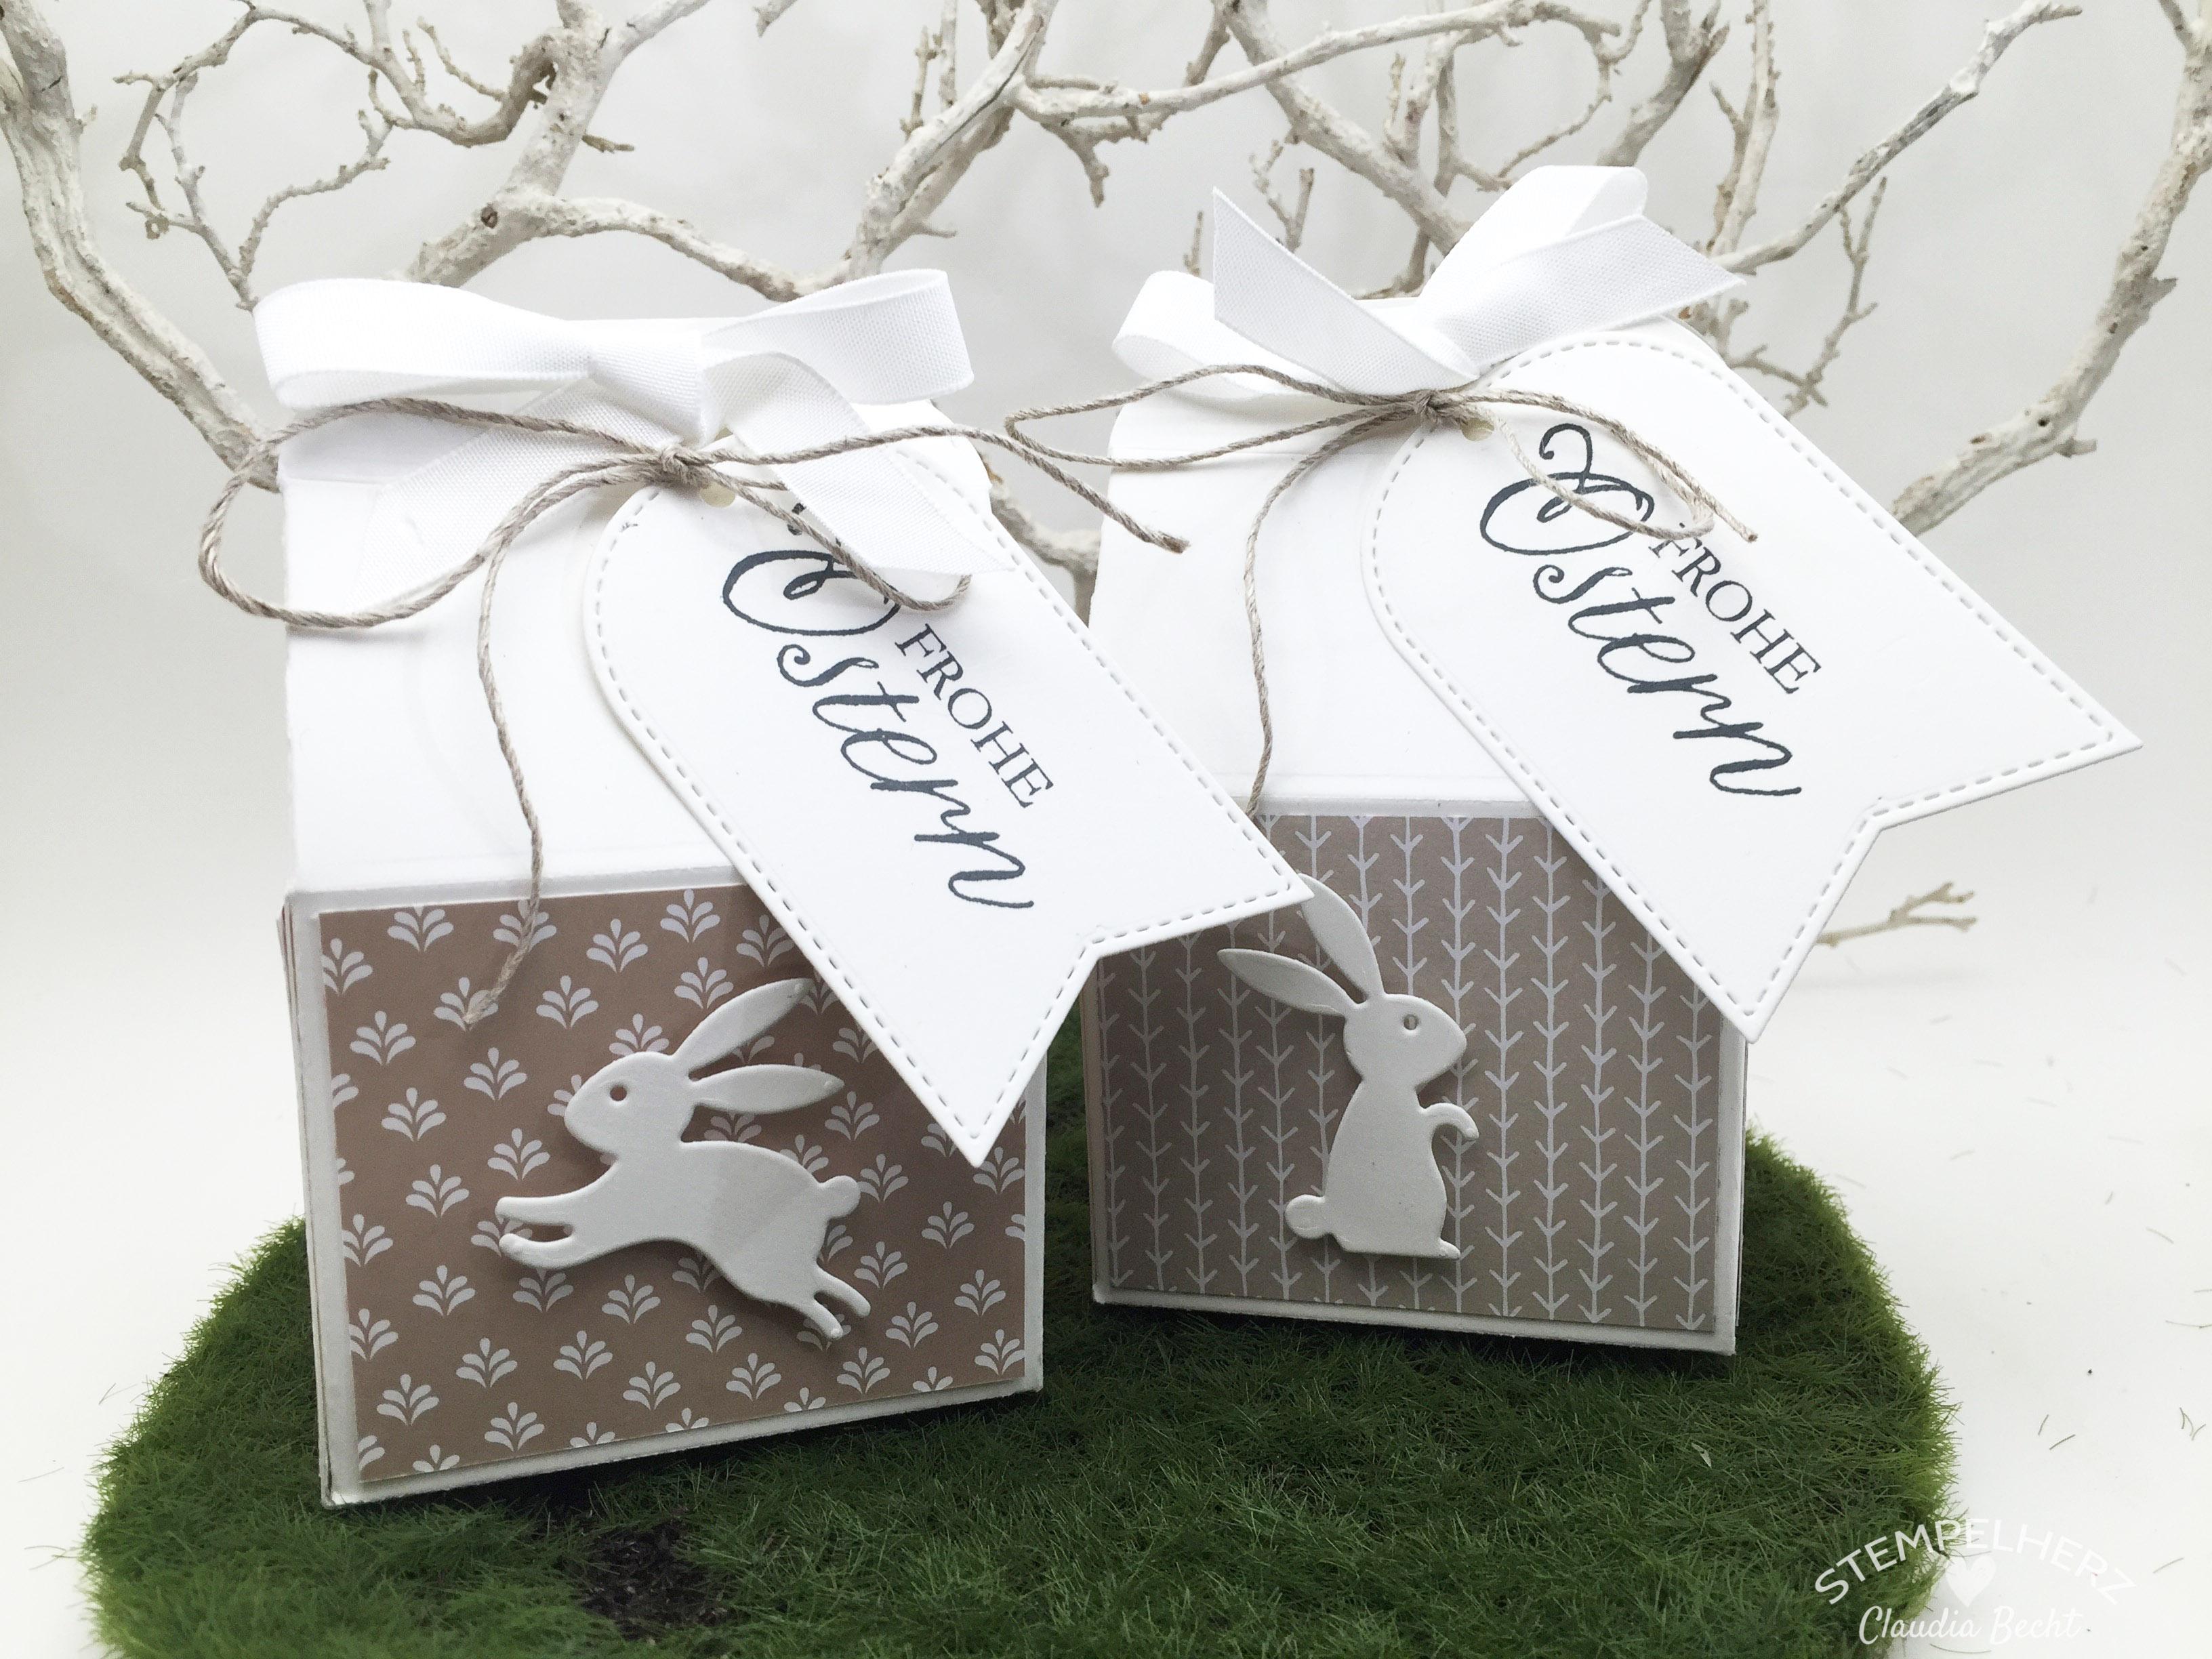 Stampin Up - Stempelherz - Ostern - Verpackung - Thinlits Leckereien-Box - Osterhasenmilchkarton 01